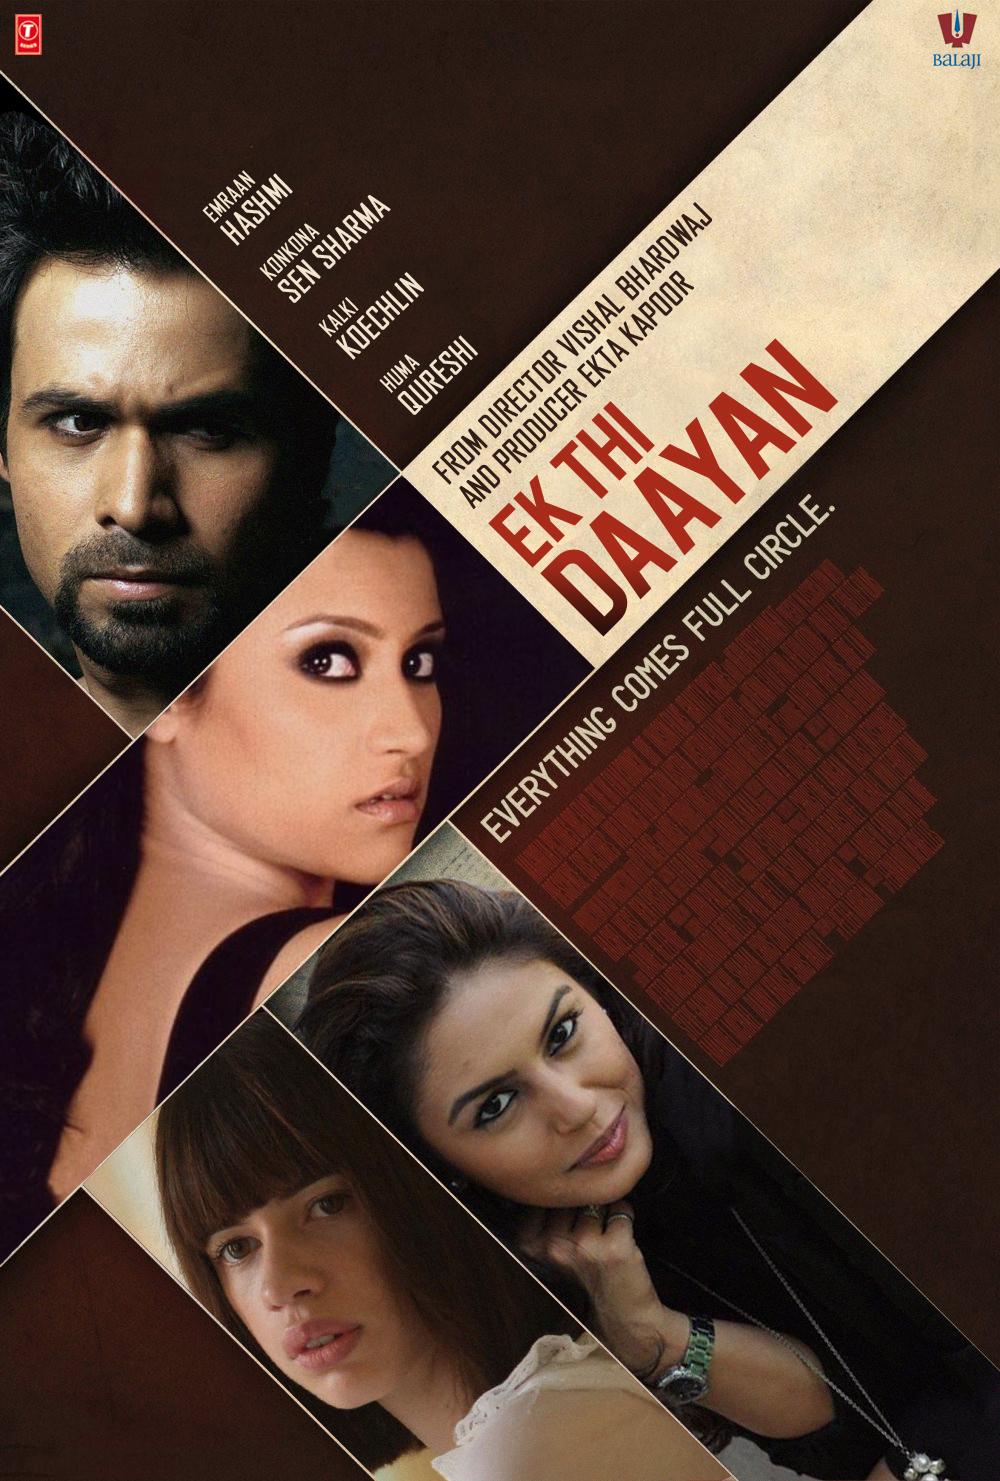 Ek Thi Daayan - Movie Poster #2 (Original)